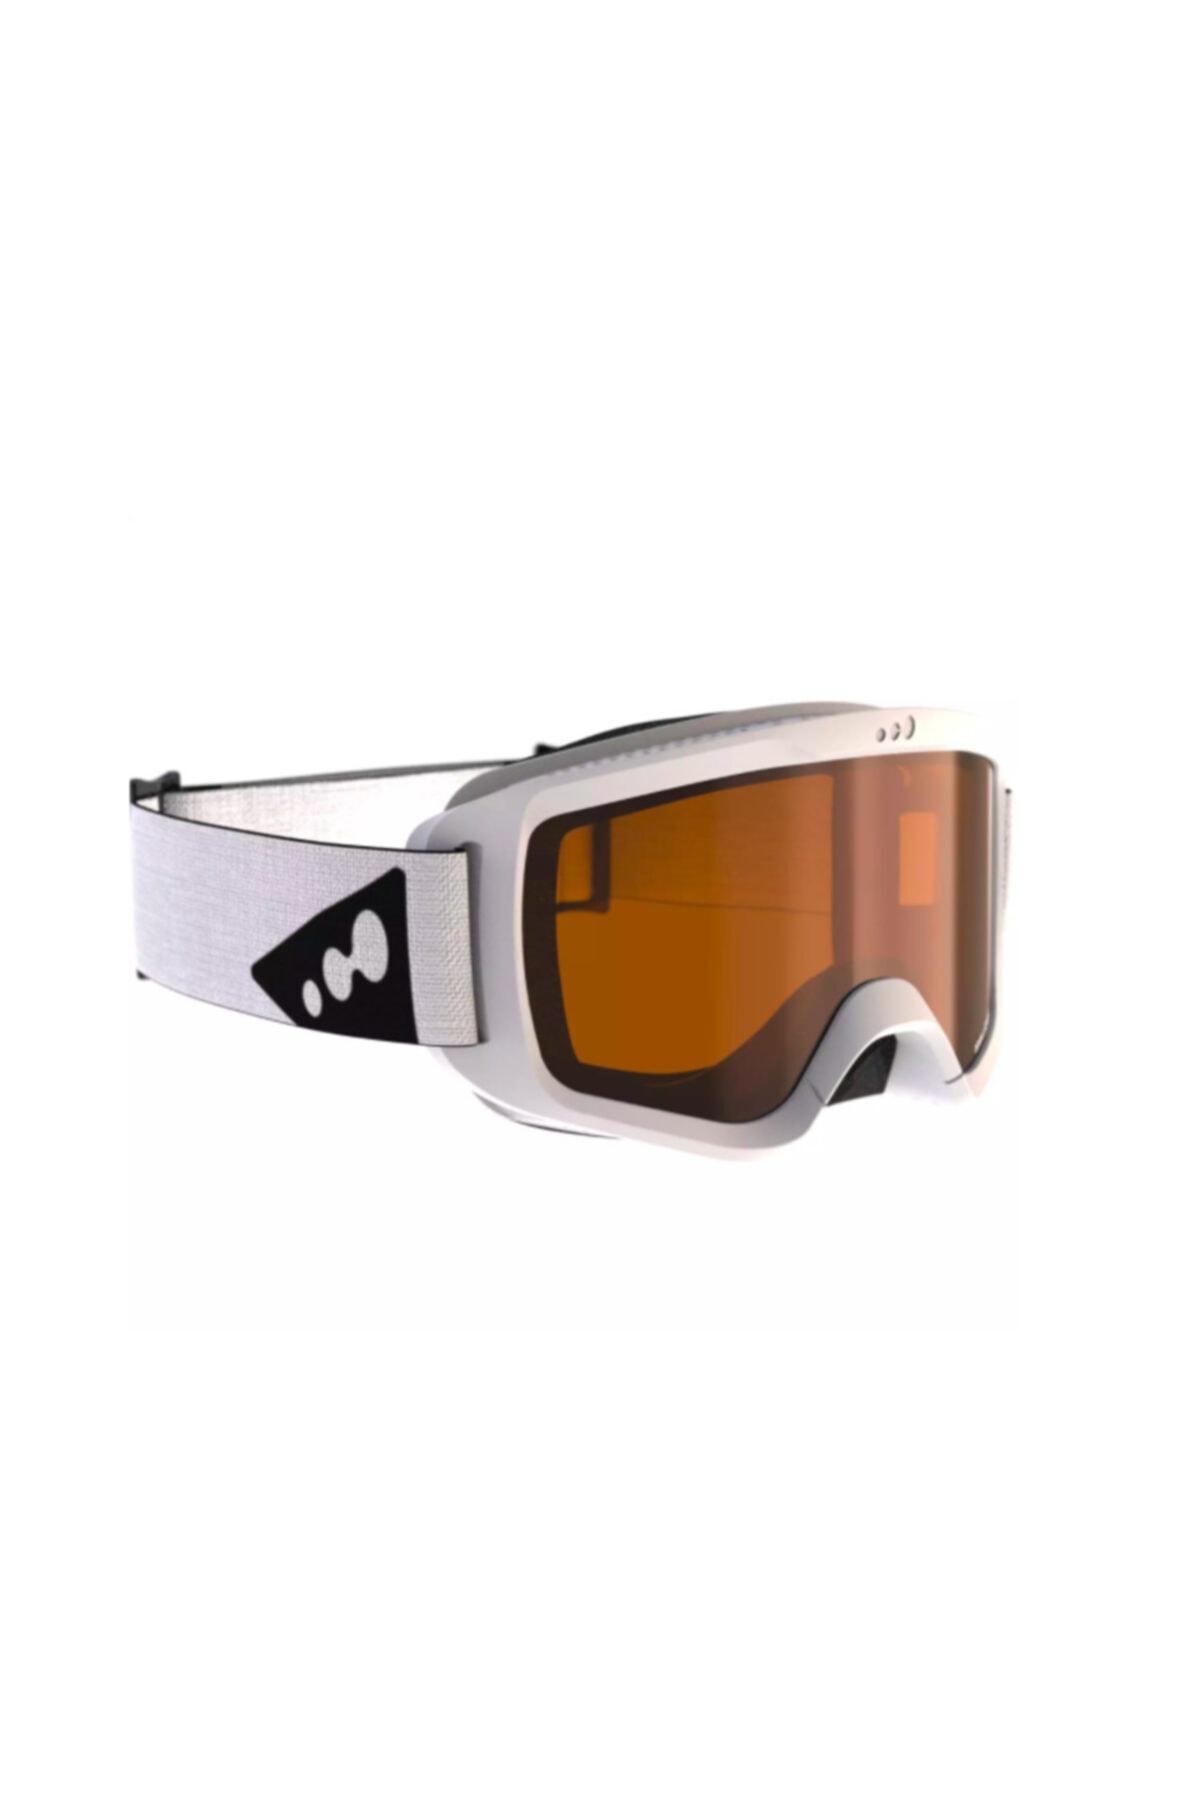 WEDZE Kayak / Snowboard Kayak Gözlüğü - Yetişkin / Çocuk - Beyaz - G 140 S3 1